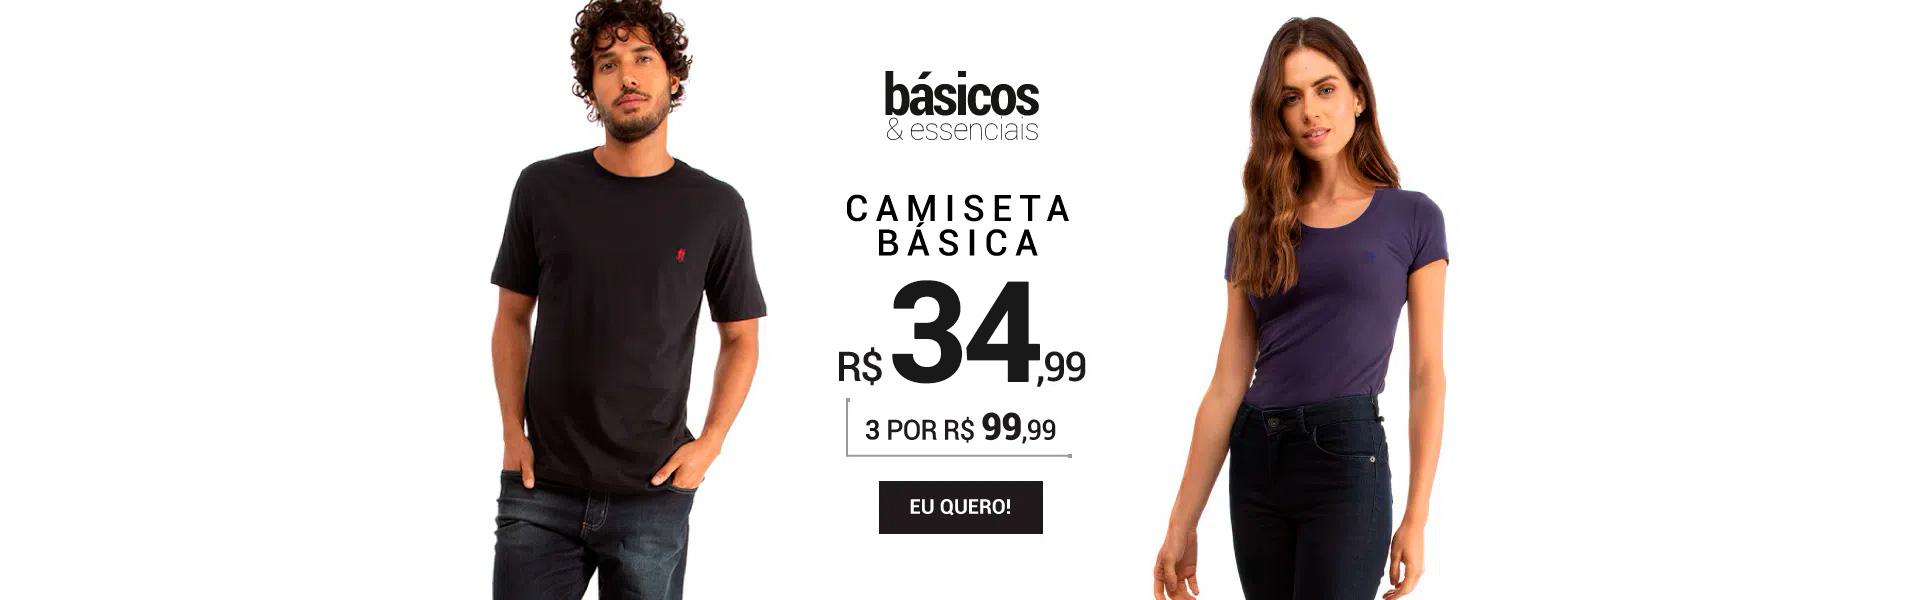 Básicas - Kit 3 por 99,99 | 1920x600